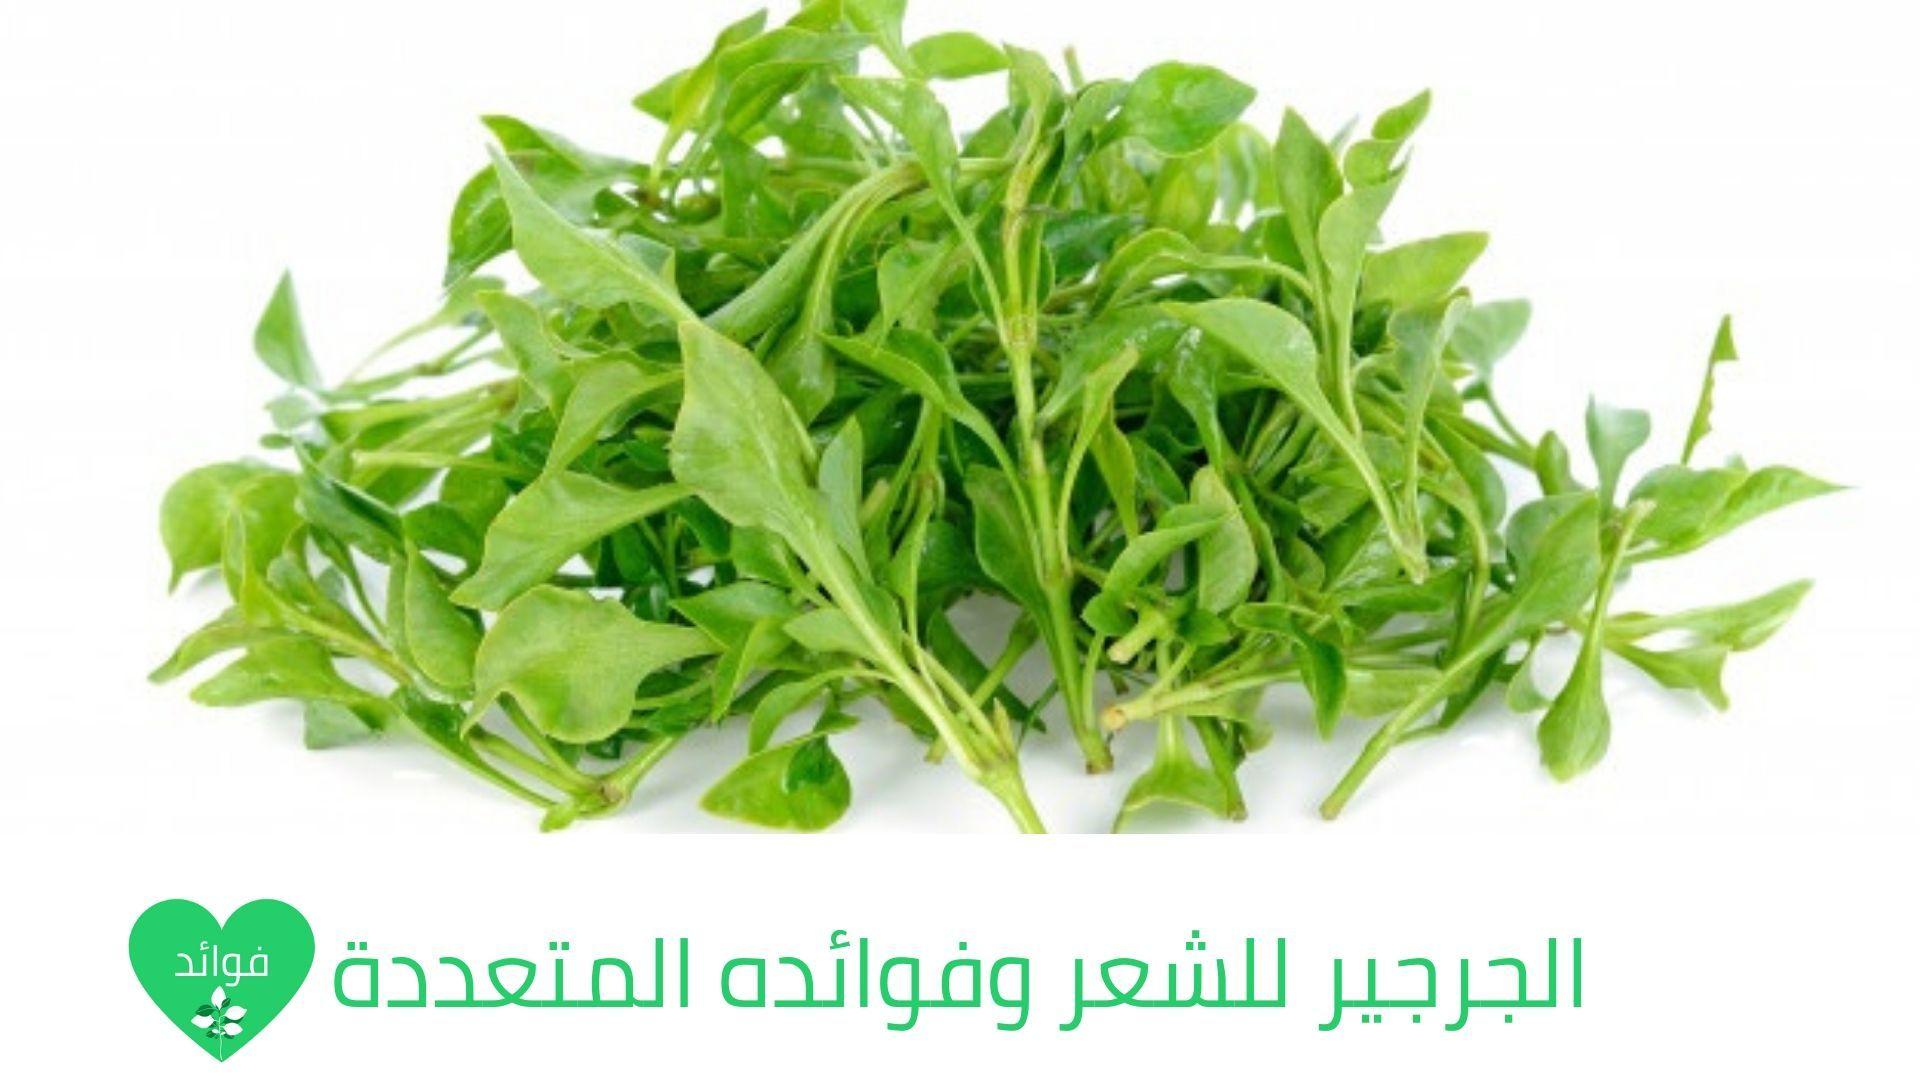 الجرجير للشعر وفوائده المتعددة للشعر المتساقط والتالف والضعيف Watercress Watercress Benefits Leafy Plants